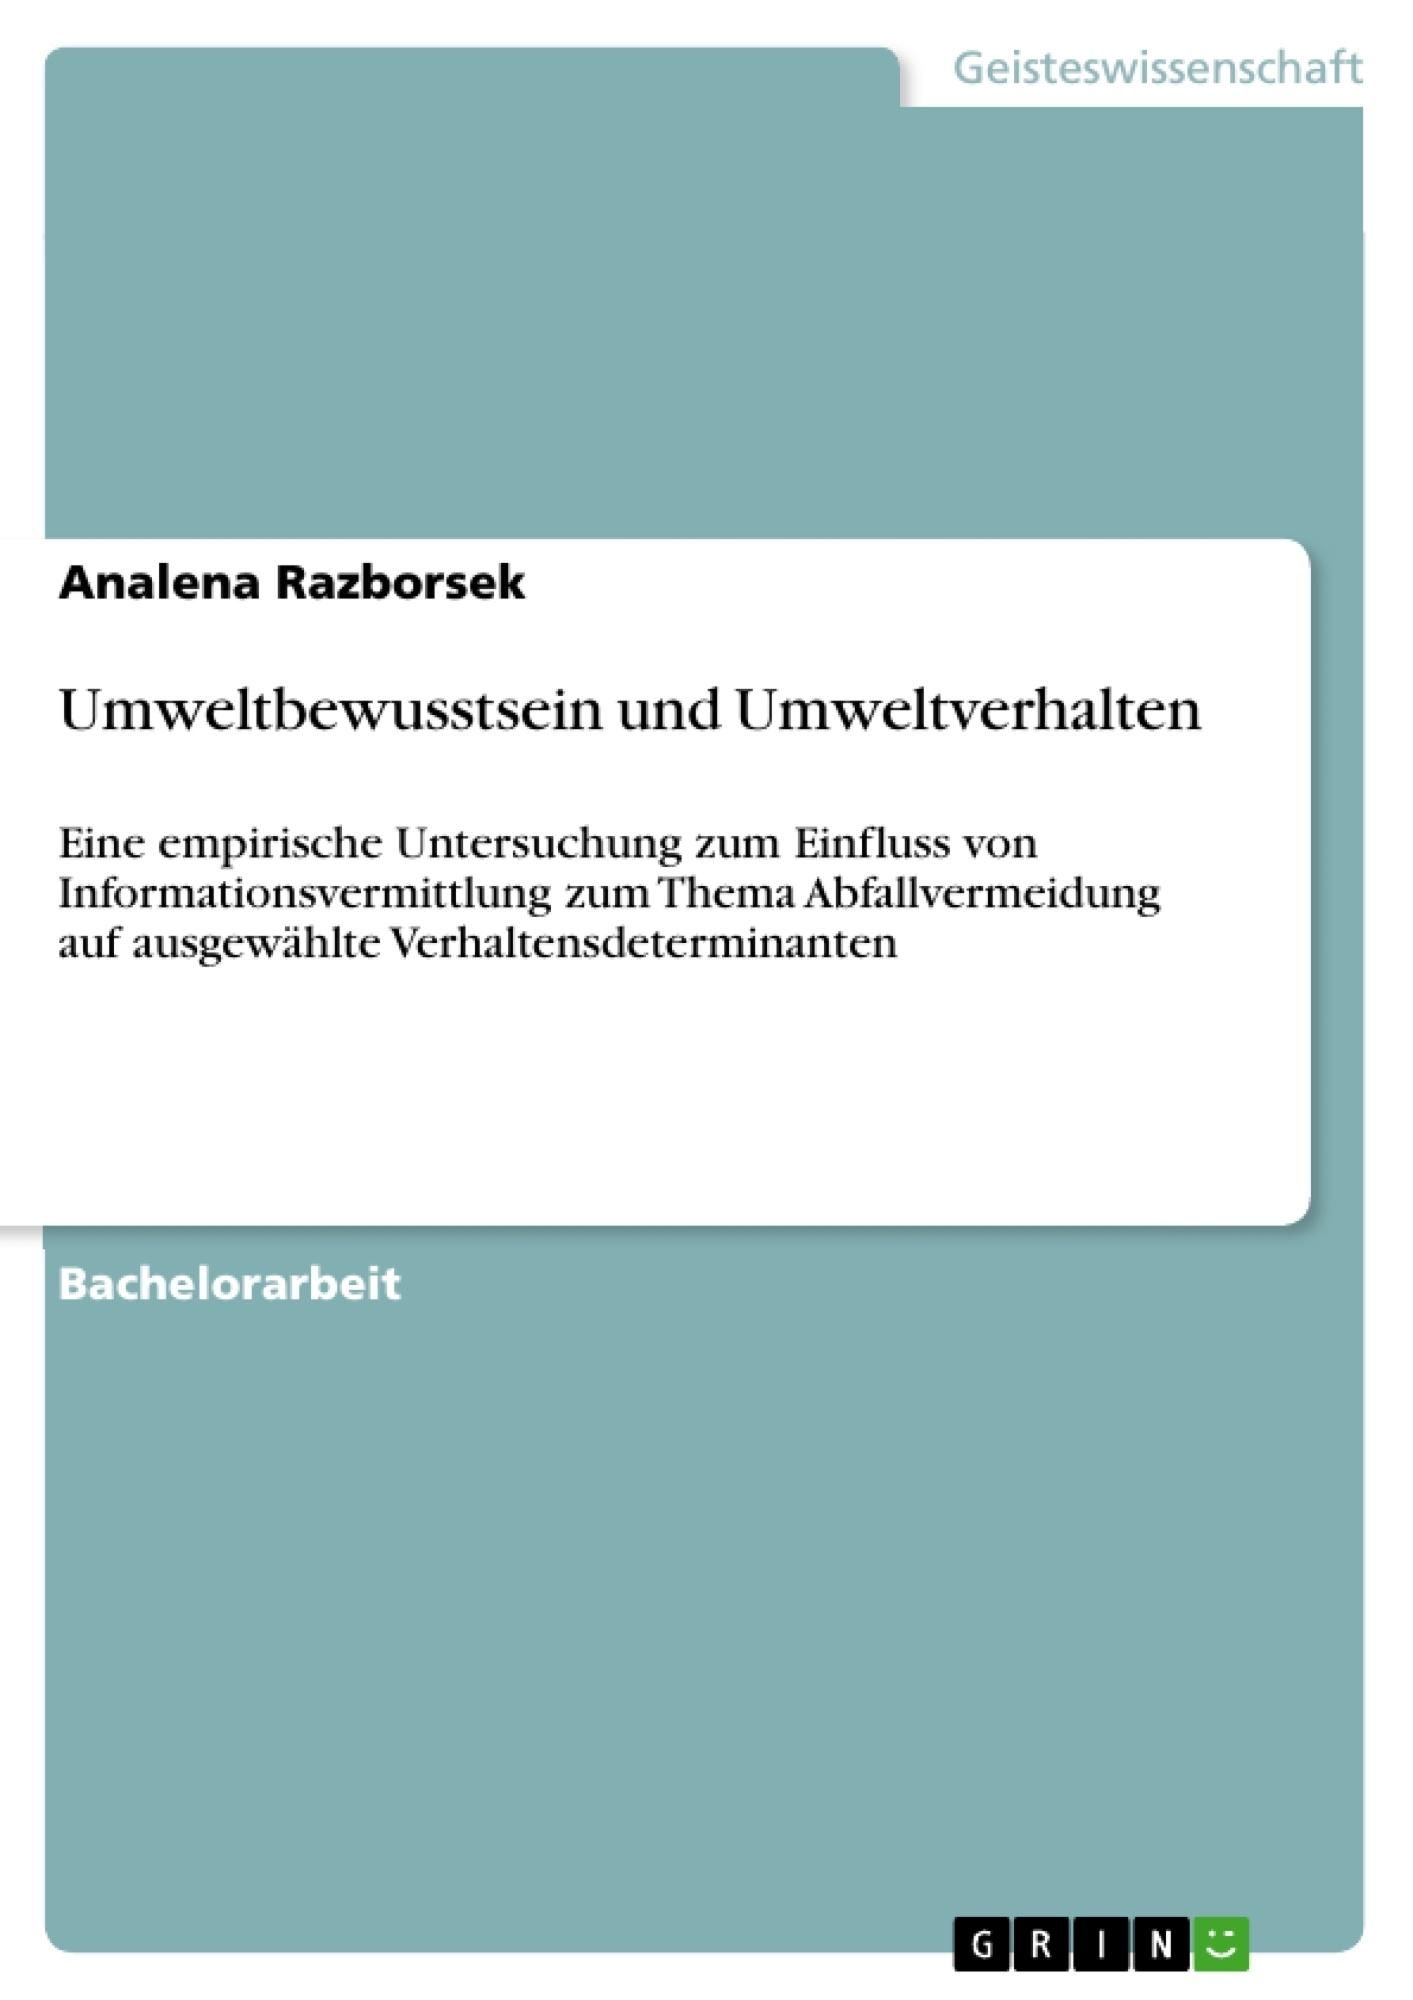 Titel: Umweltbewusstsein und Umweltverhalten